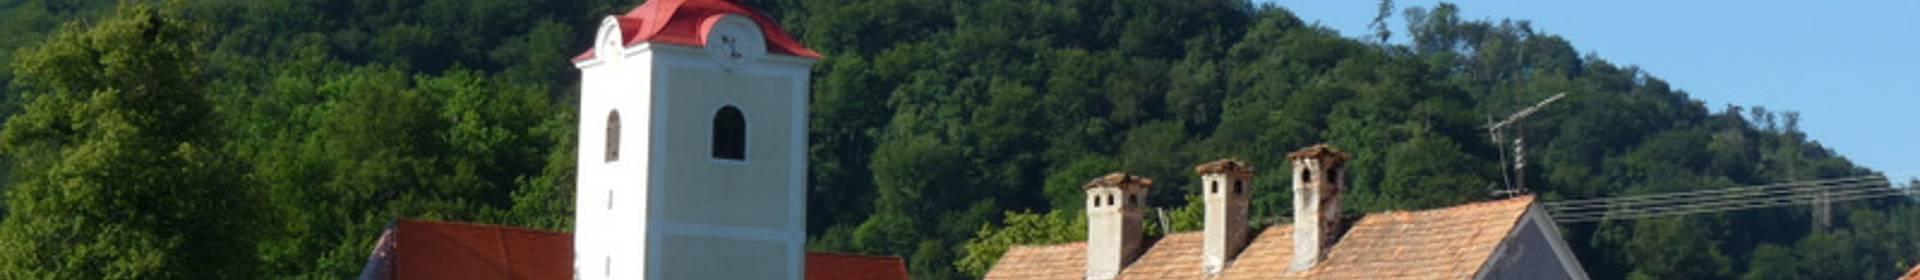 Kozjansko parc